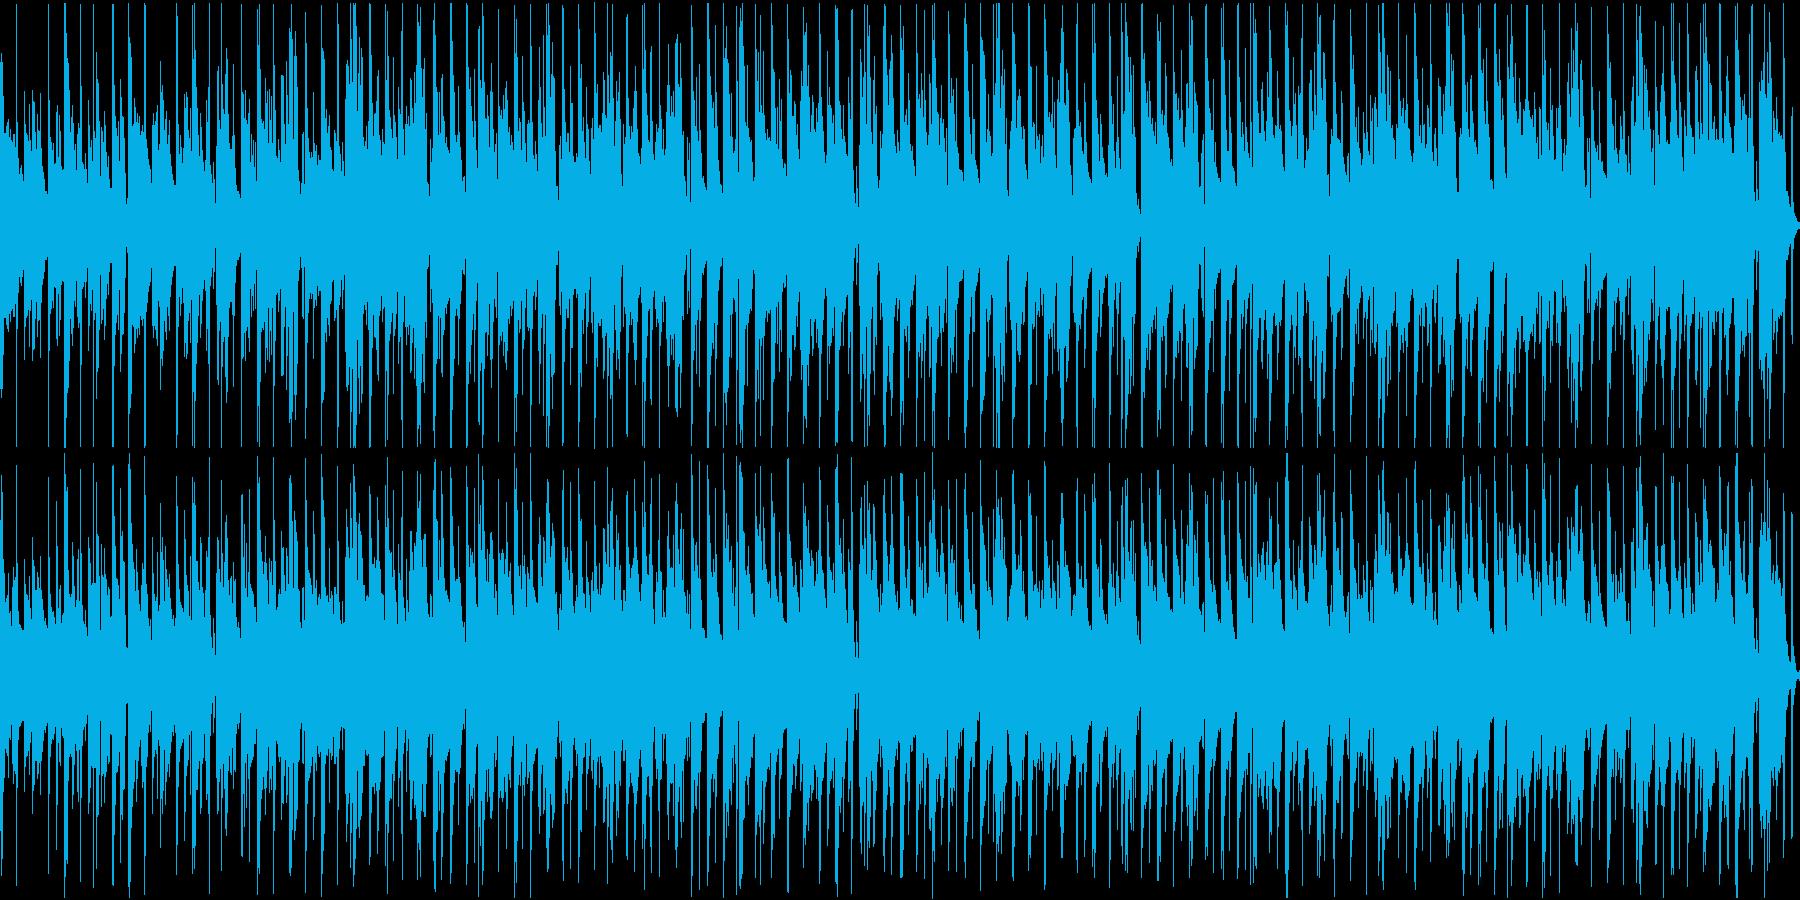 【ループ】温かい気持ちになるほのぼの系のの再生済みの波形